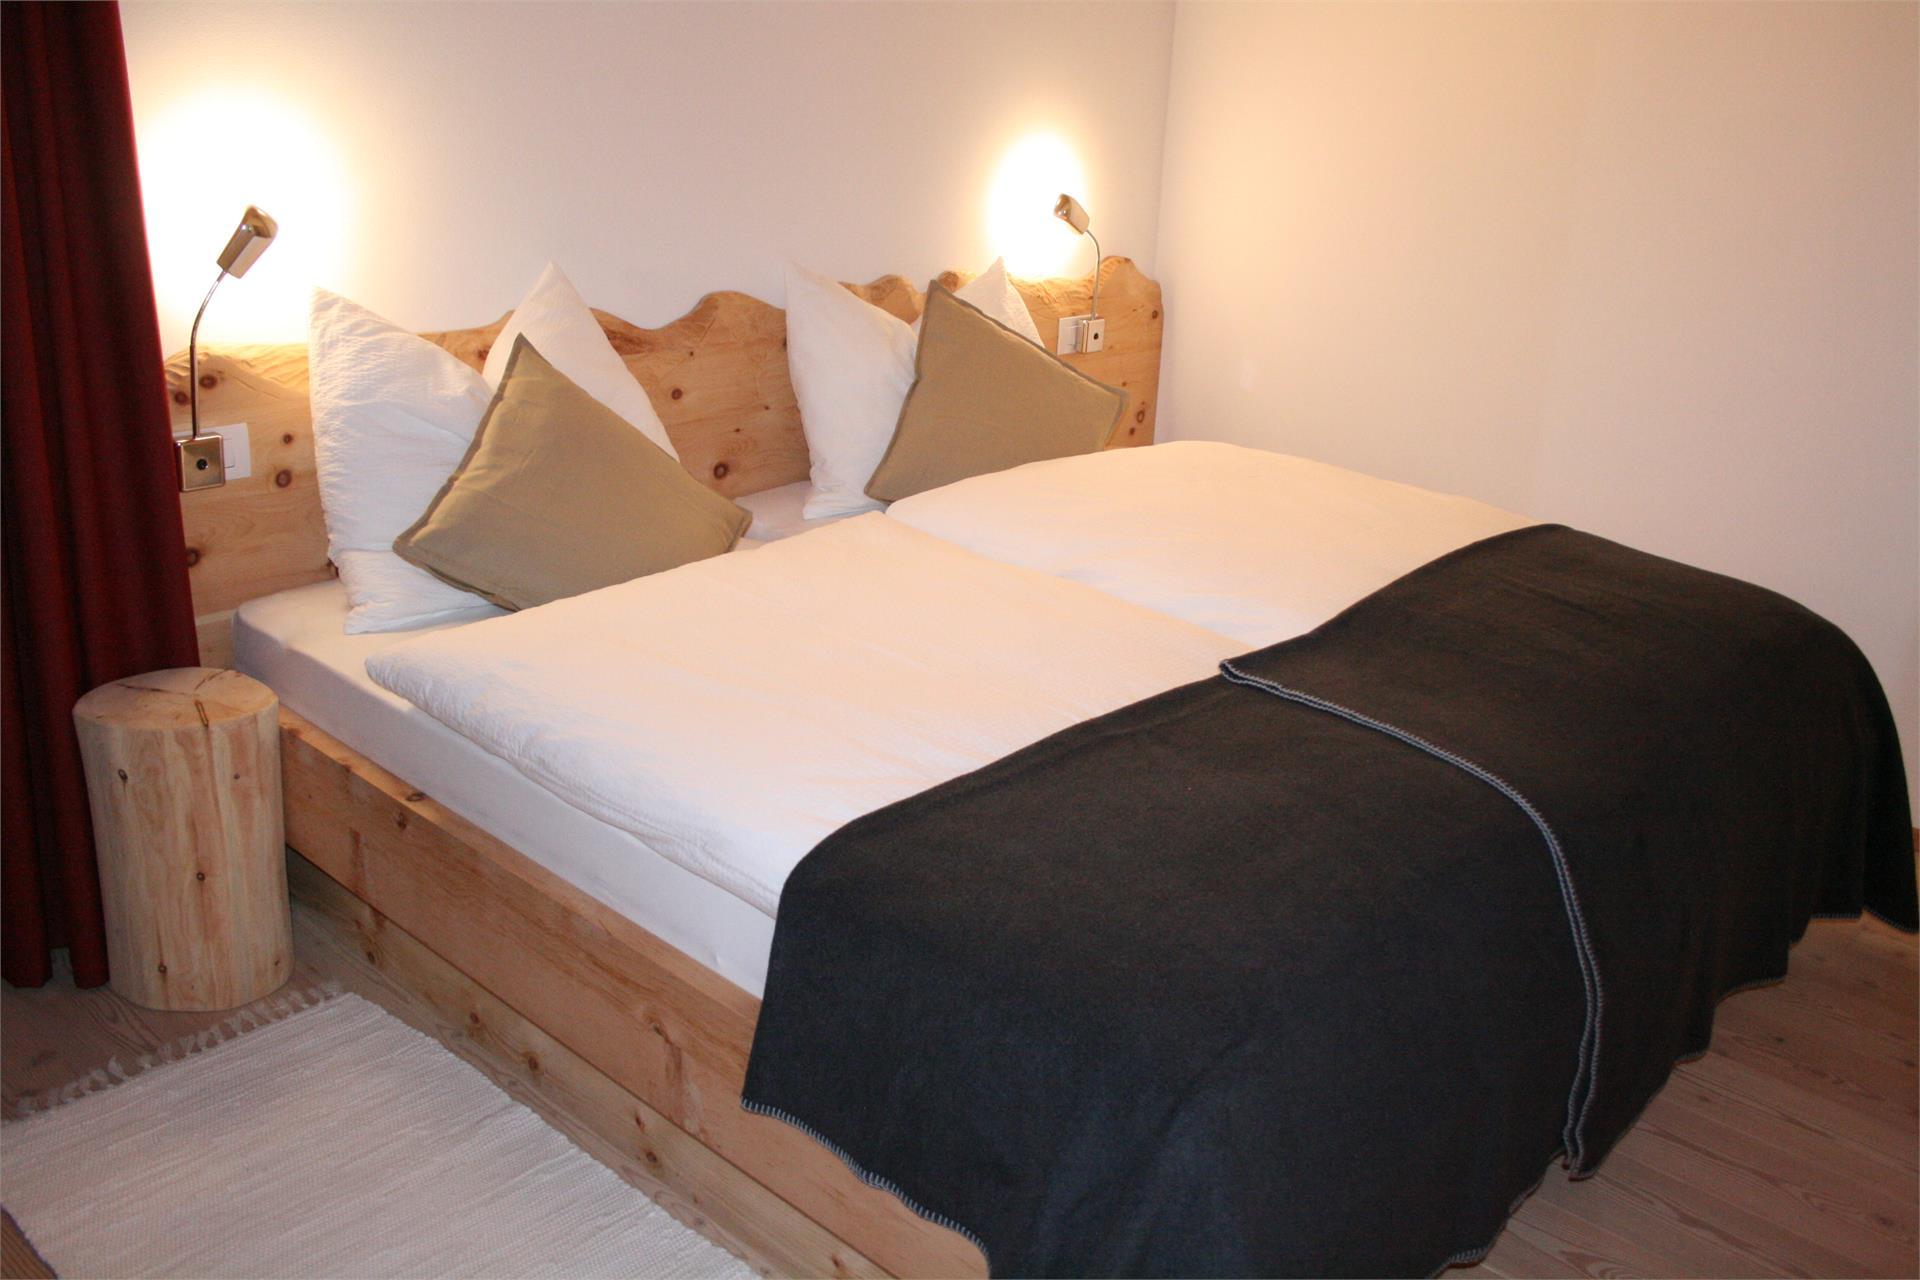 appartamento Paula - camera con due letti